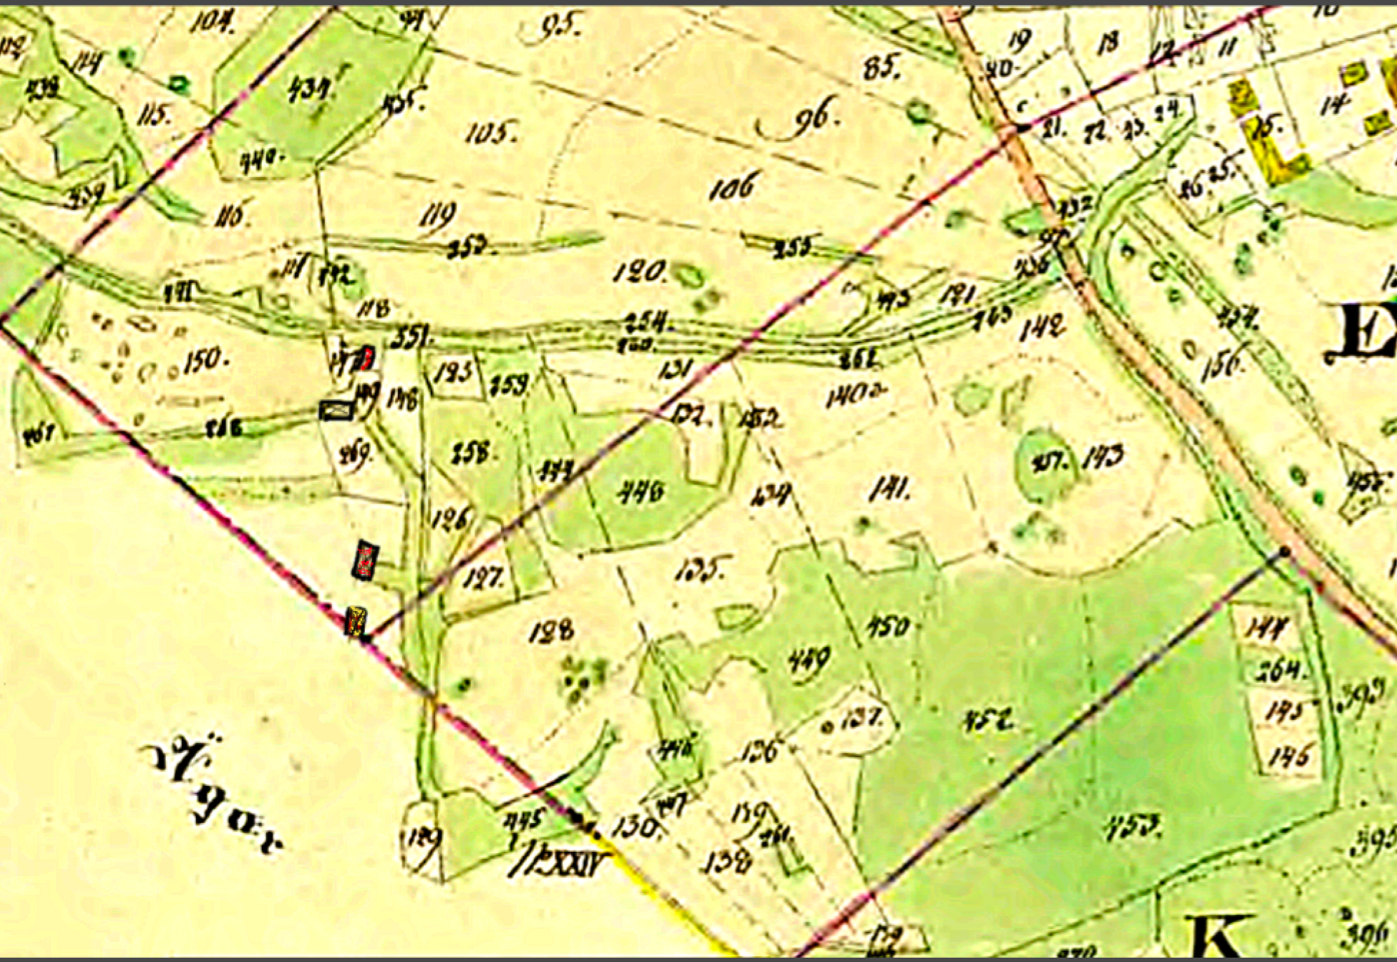 177b01b76a08 D. 1 - 2 Stora & Lilla Ulunda-Soldattorp Nr 9 Ahnstugan ...